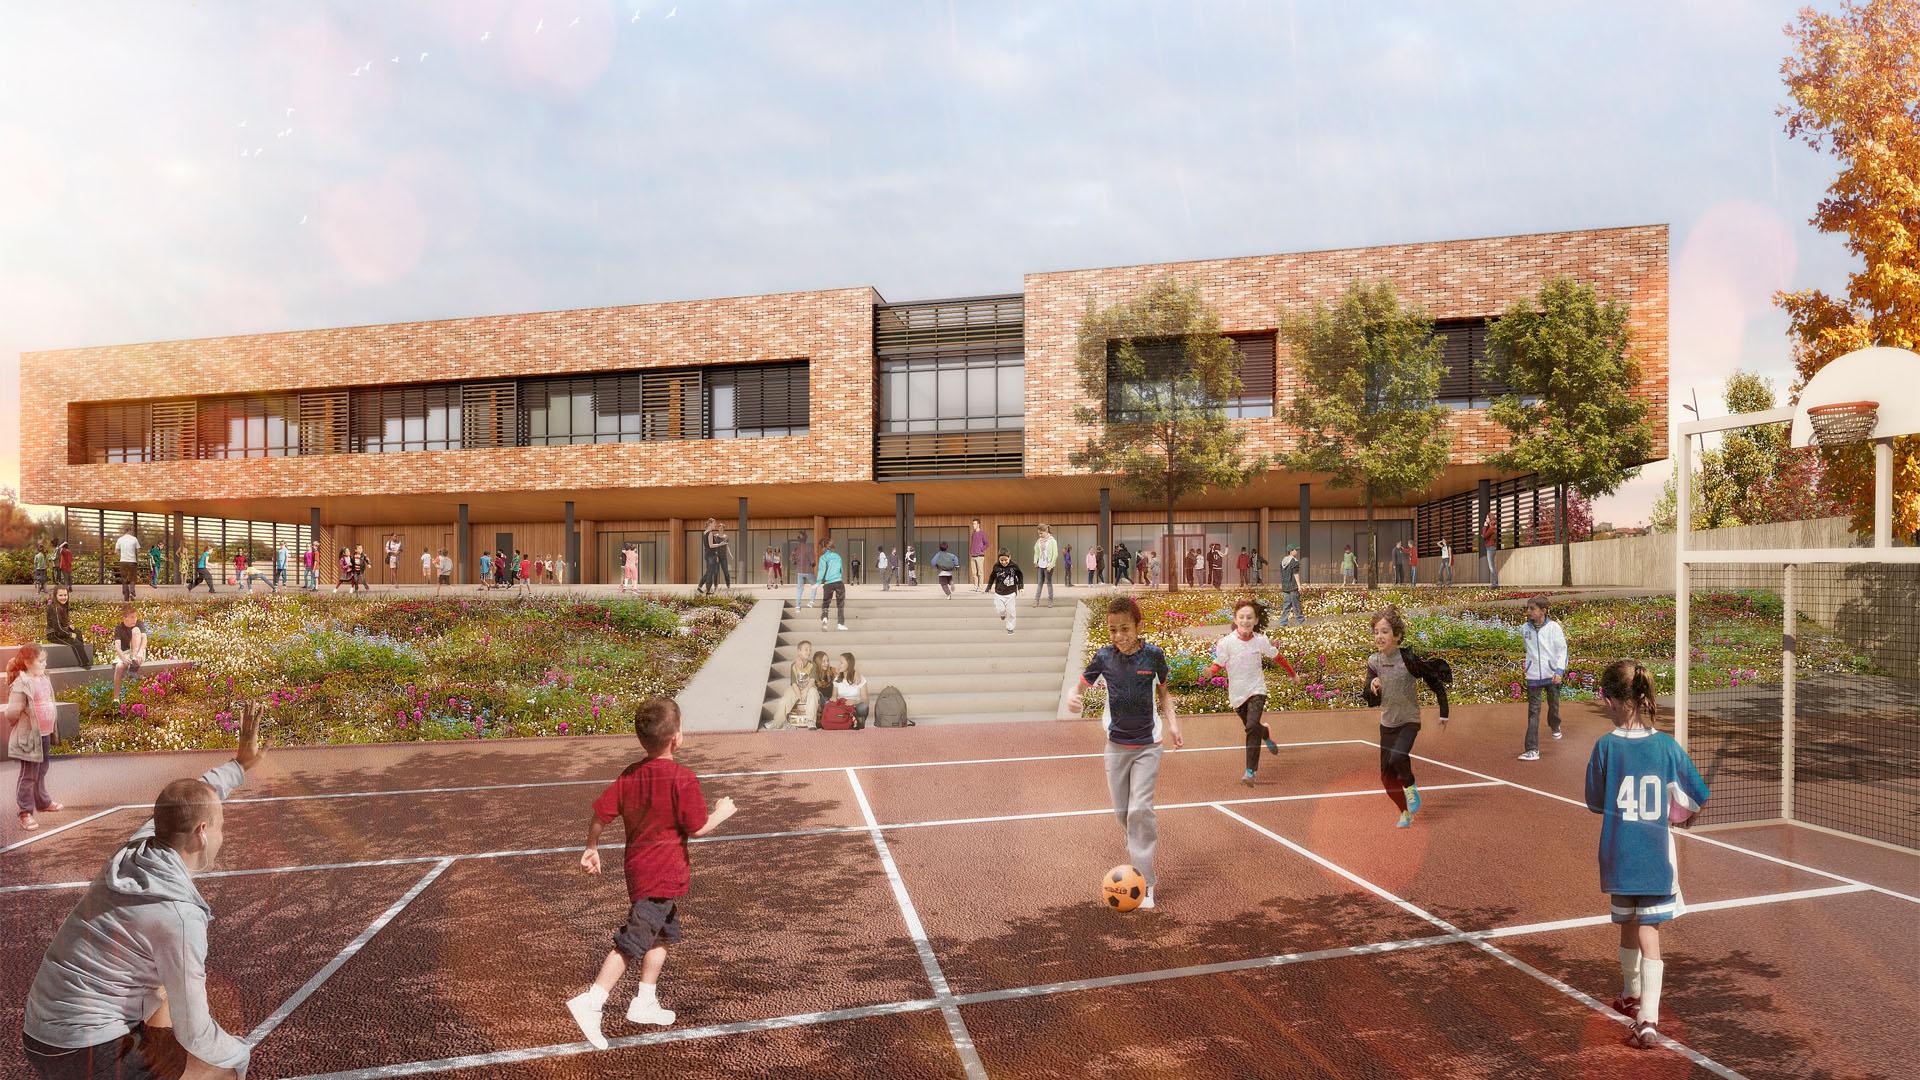 Seuil-Architecture-Construction-Ecole-Pibrac-01